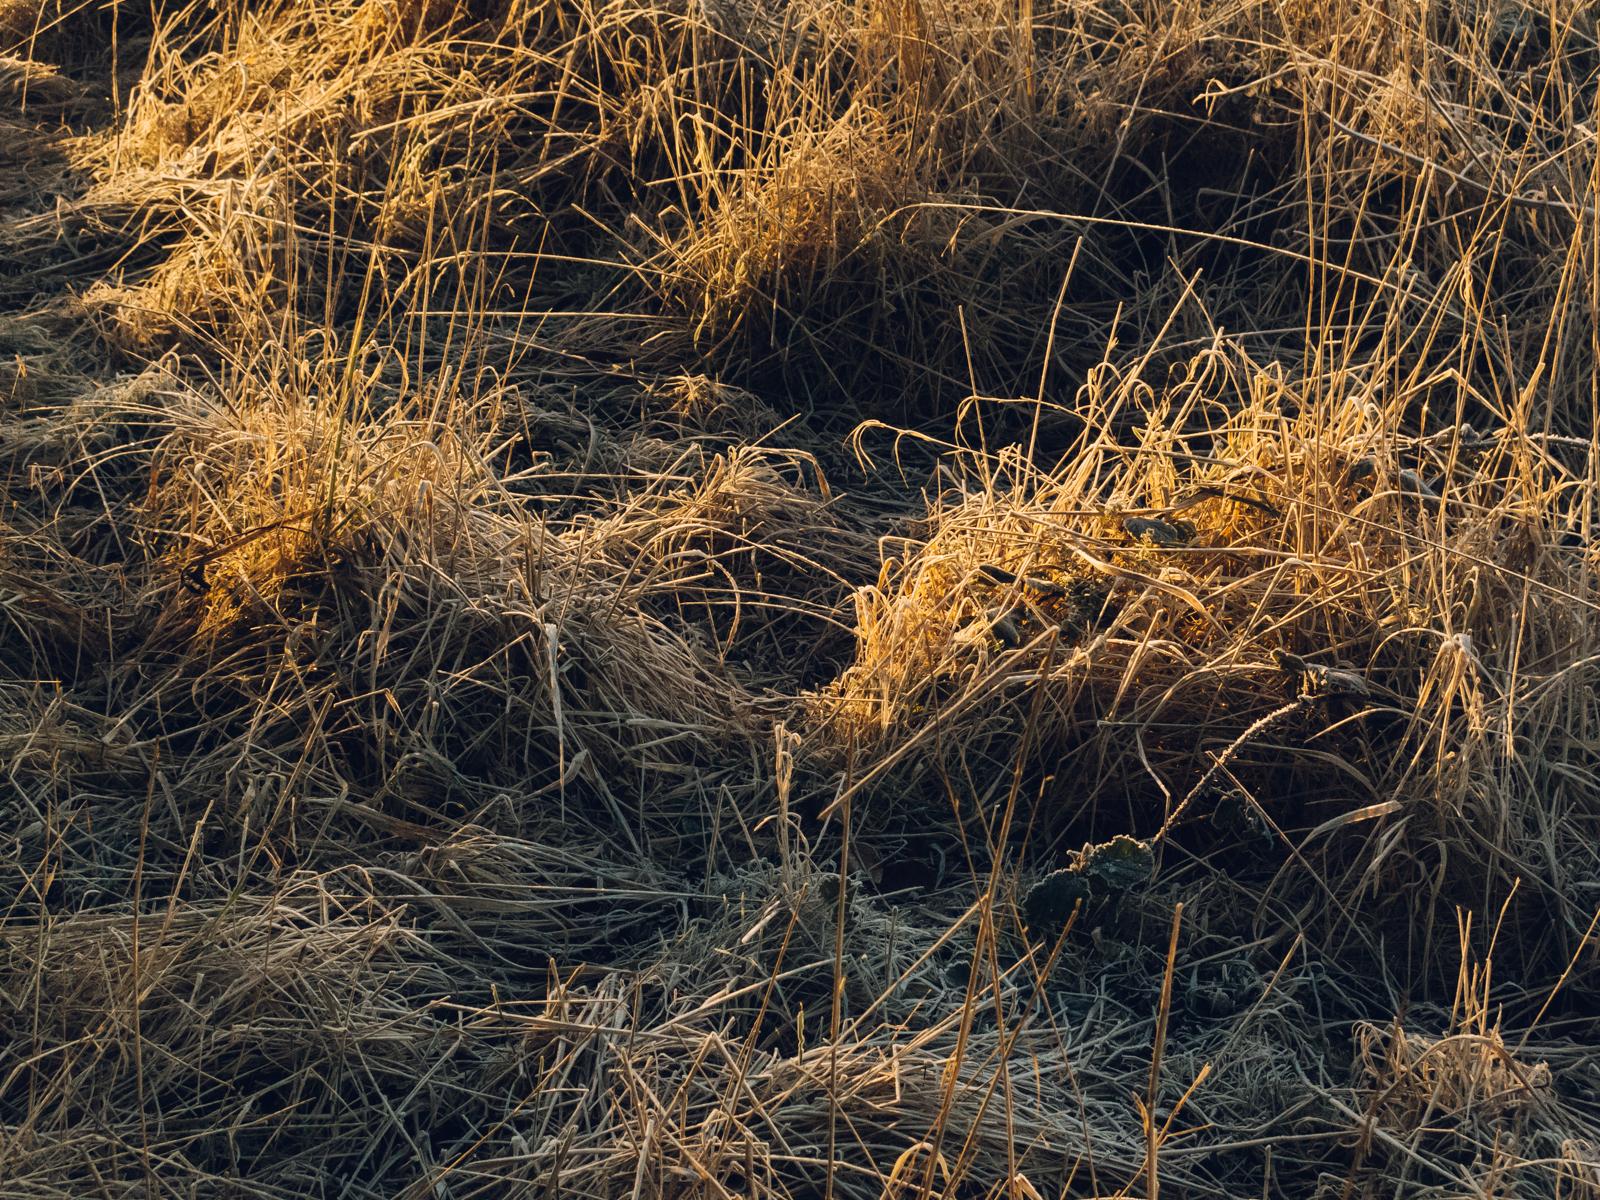 Golden Winter light on frozen grass.